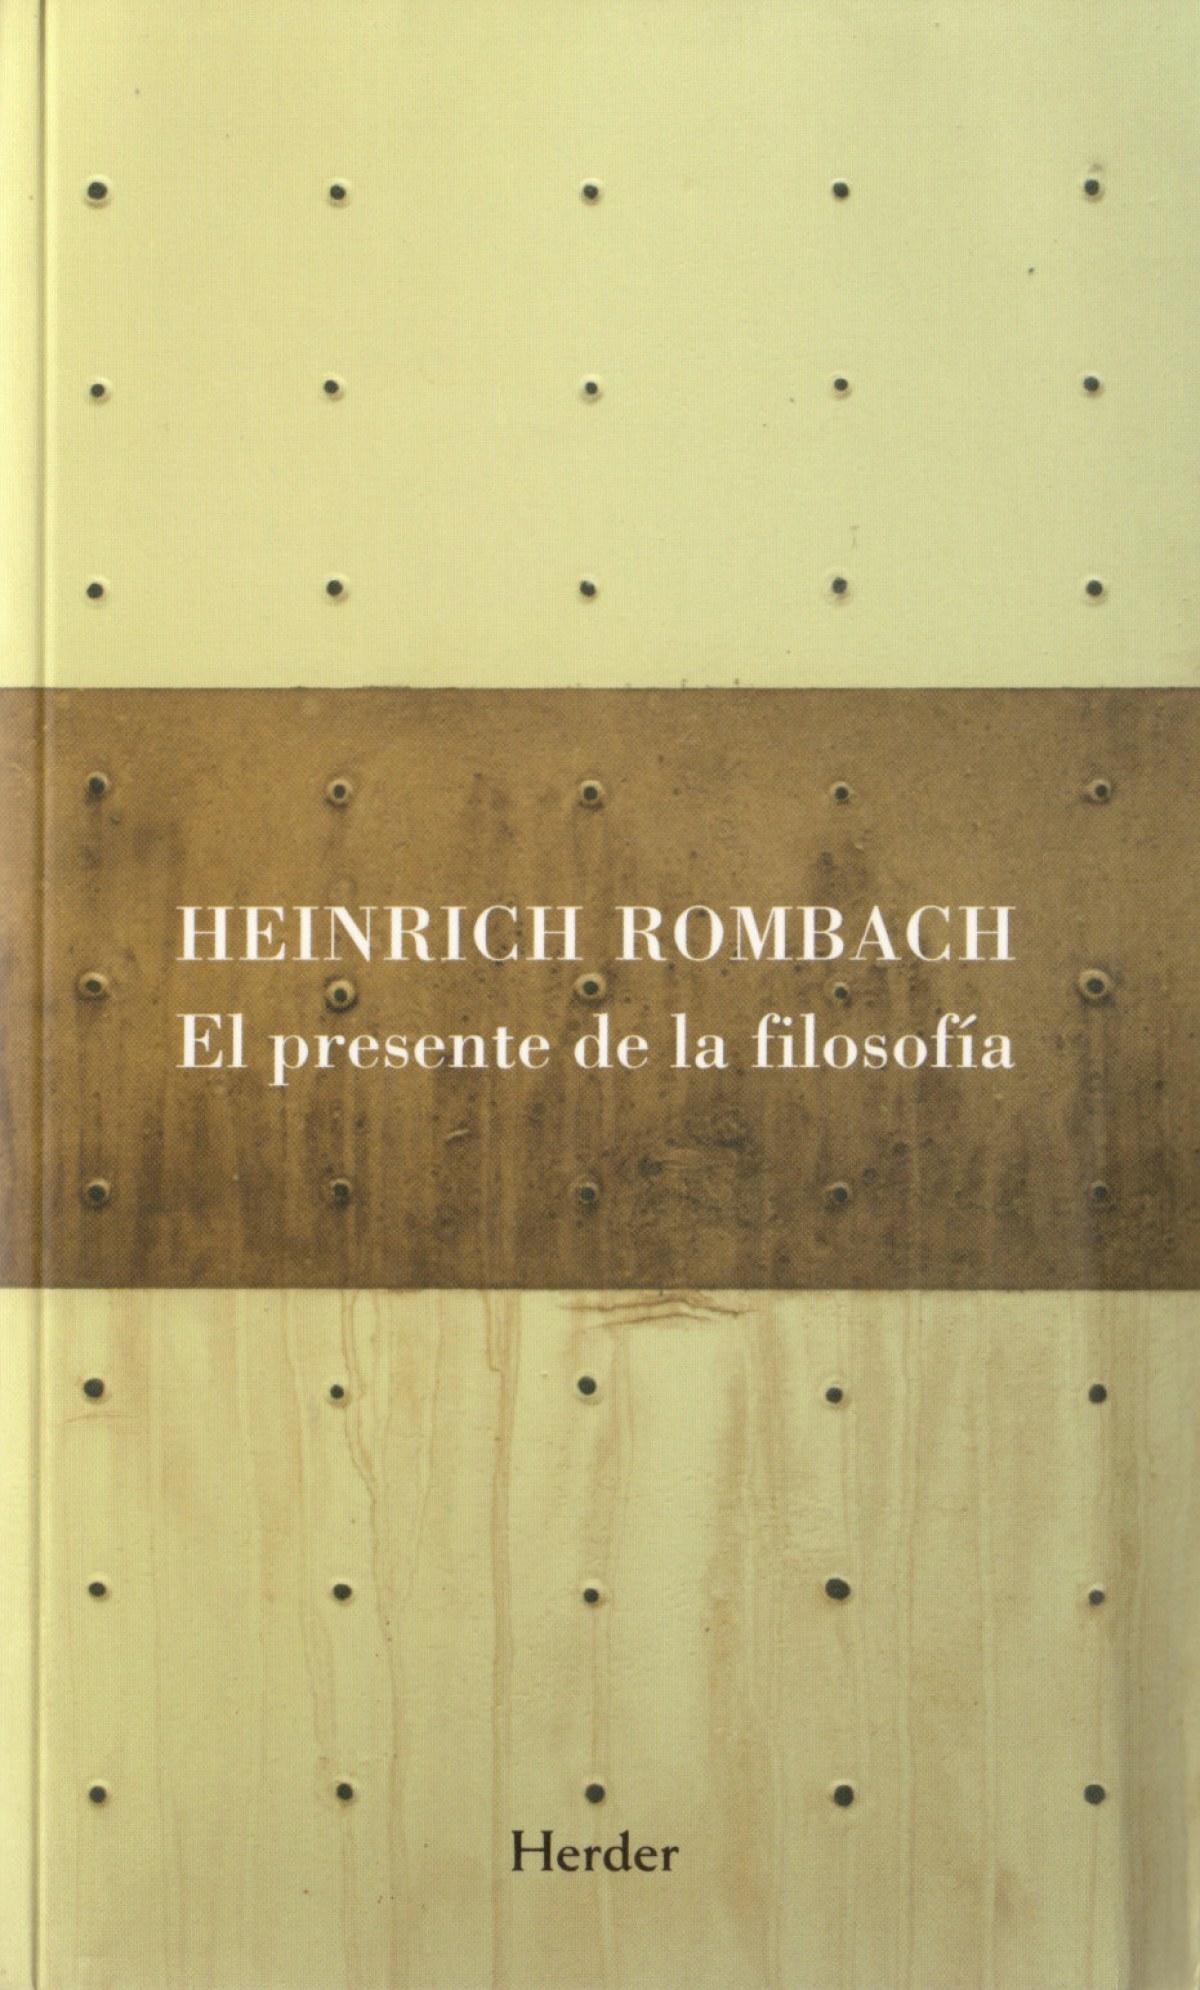 El presente de la filosofía Los problemas fundamentales de la filosofía occidental y el estado actual de las - Rombach, Heinrich